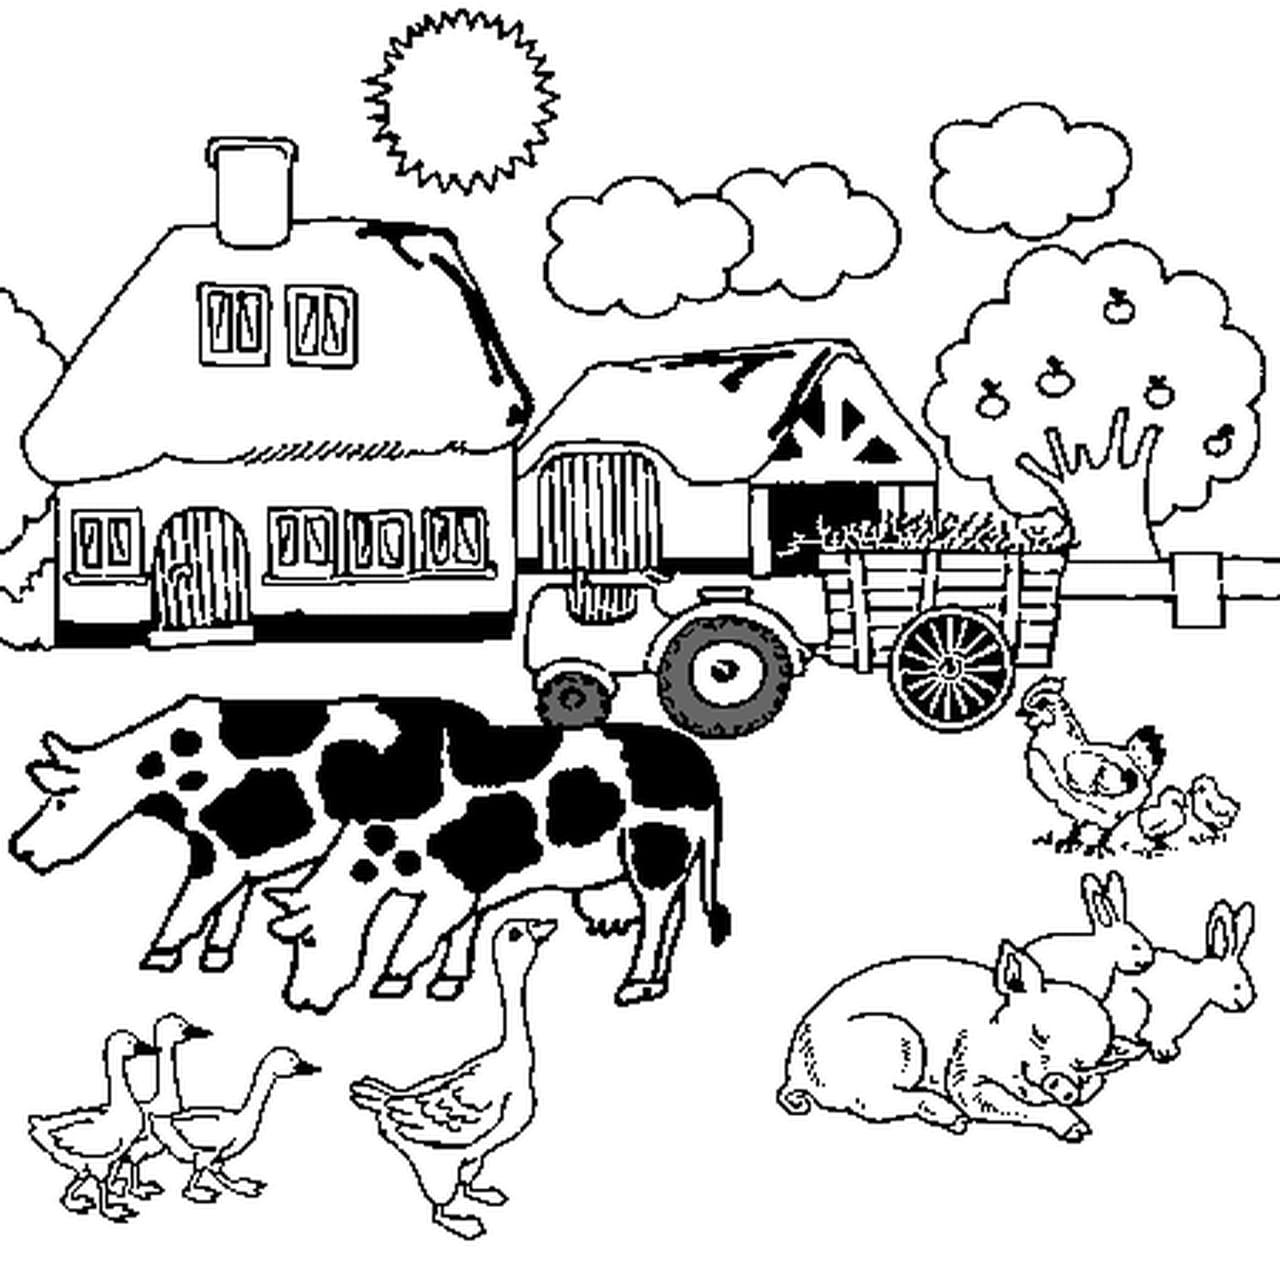 Coloriage De Ferme Avec Tracteur Et Animaux.Coloriage Ferme En Ligne Gratuit A Imprimer